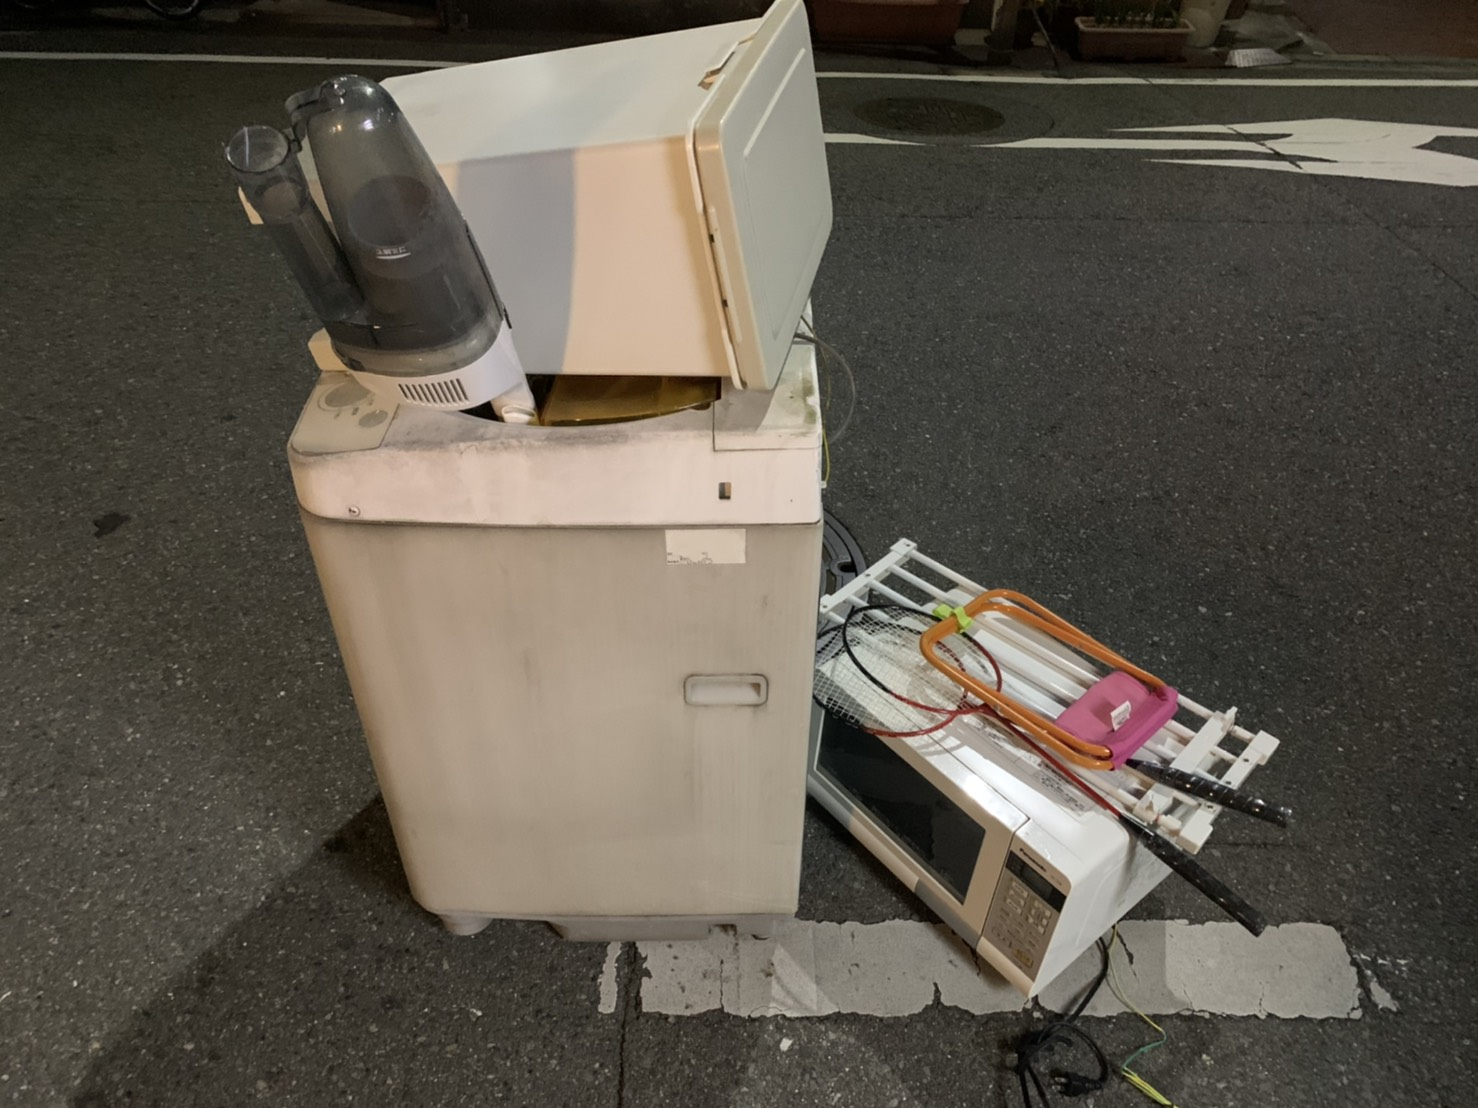 洗濯機、電子レンジ、掃除機、ゴミ箱の回収前